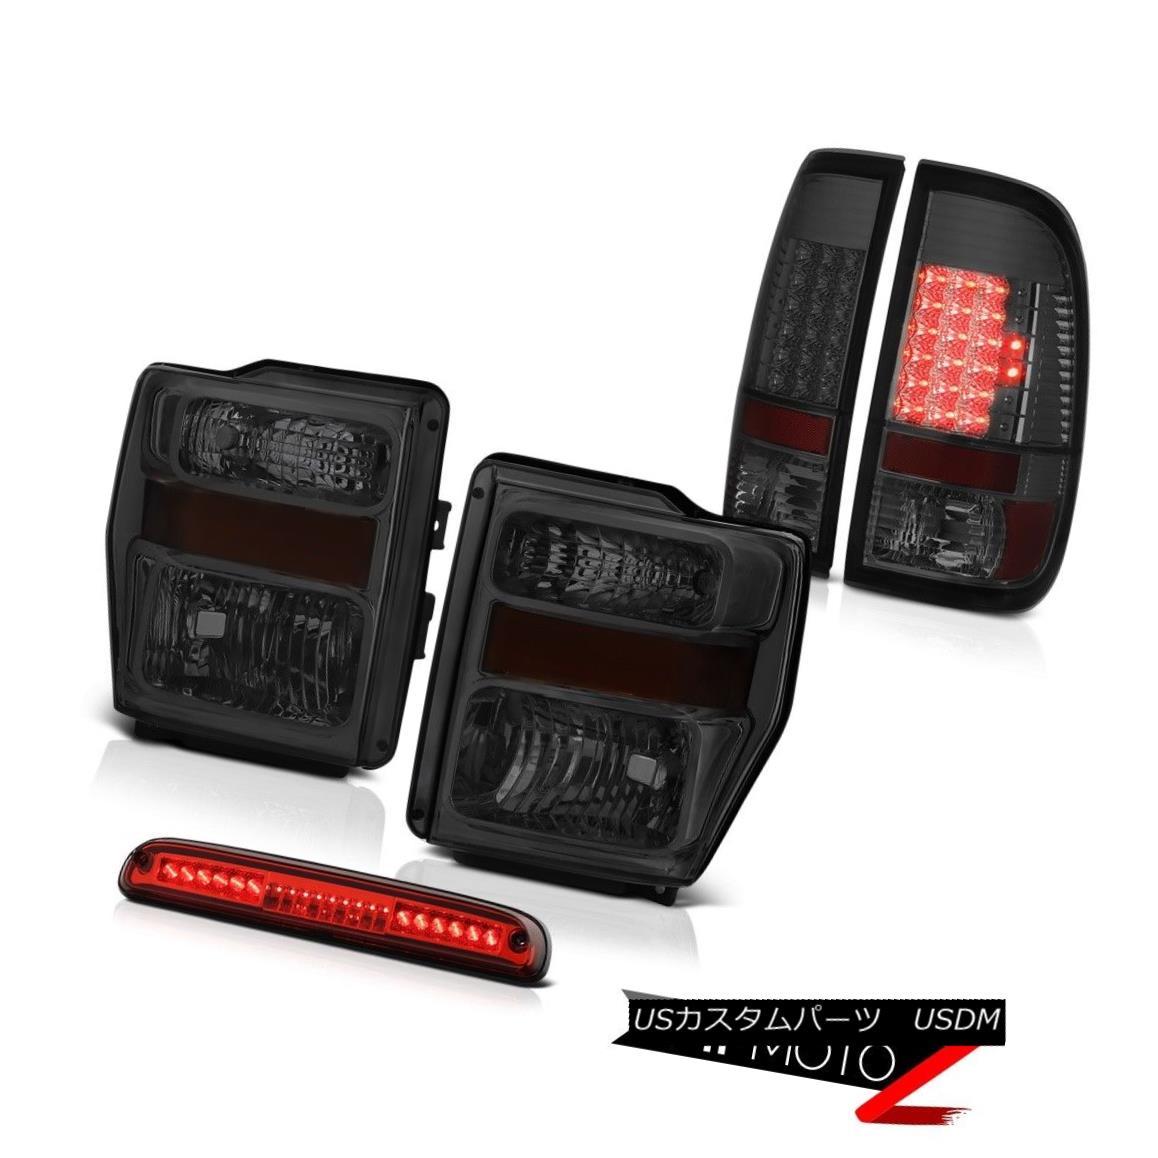 ヘッドライト 2008-2010 F250 FX4 Left Right Smoke Headlights LED Tail Lights Third Brake Cargo 2008年?2010年F250 FX4左煙ヘッドライトLEDテールライト第3ブレーキ貨物